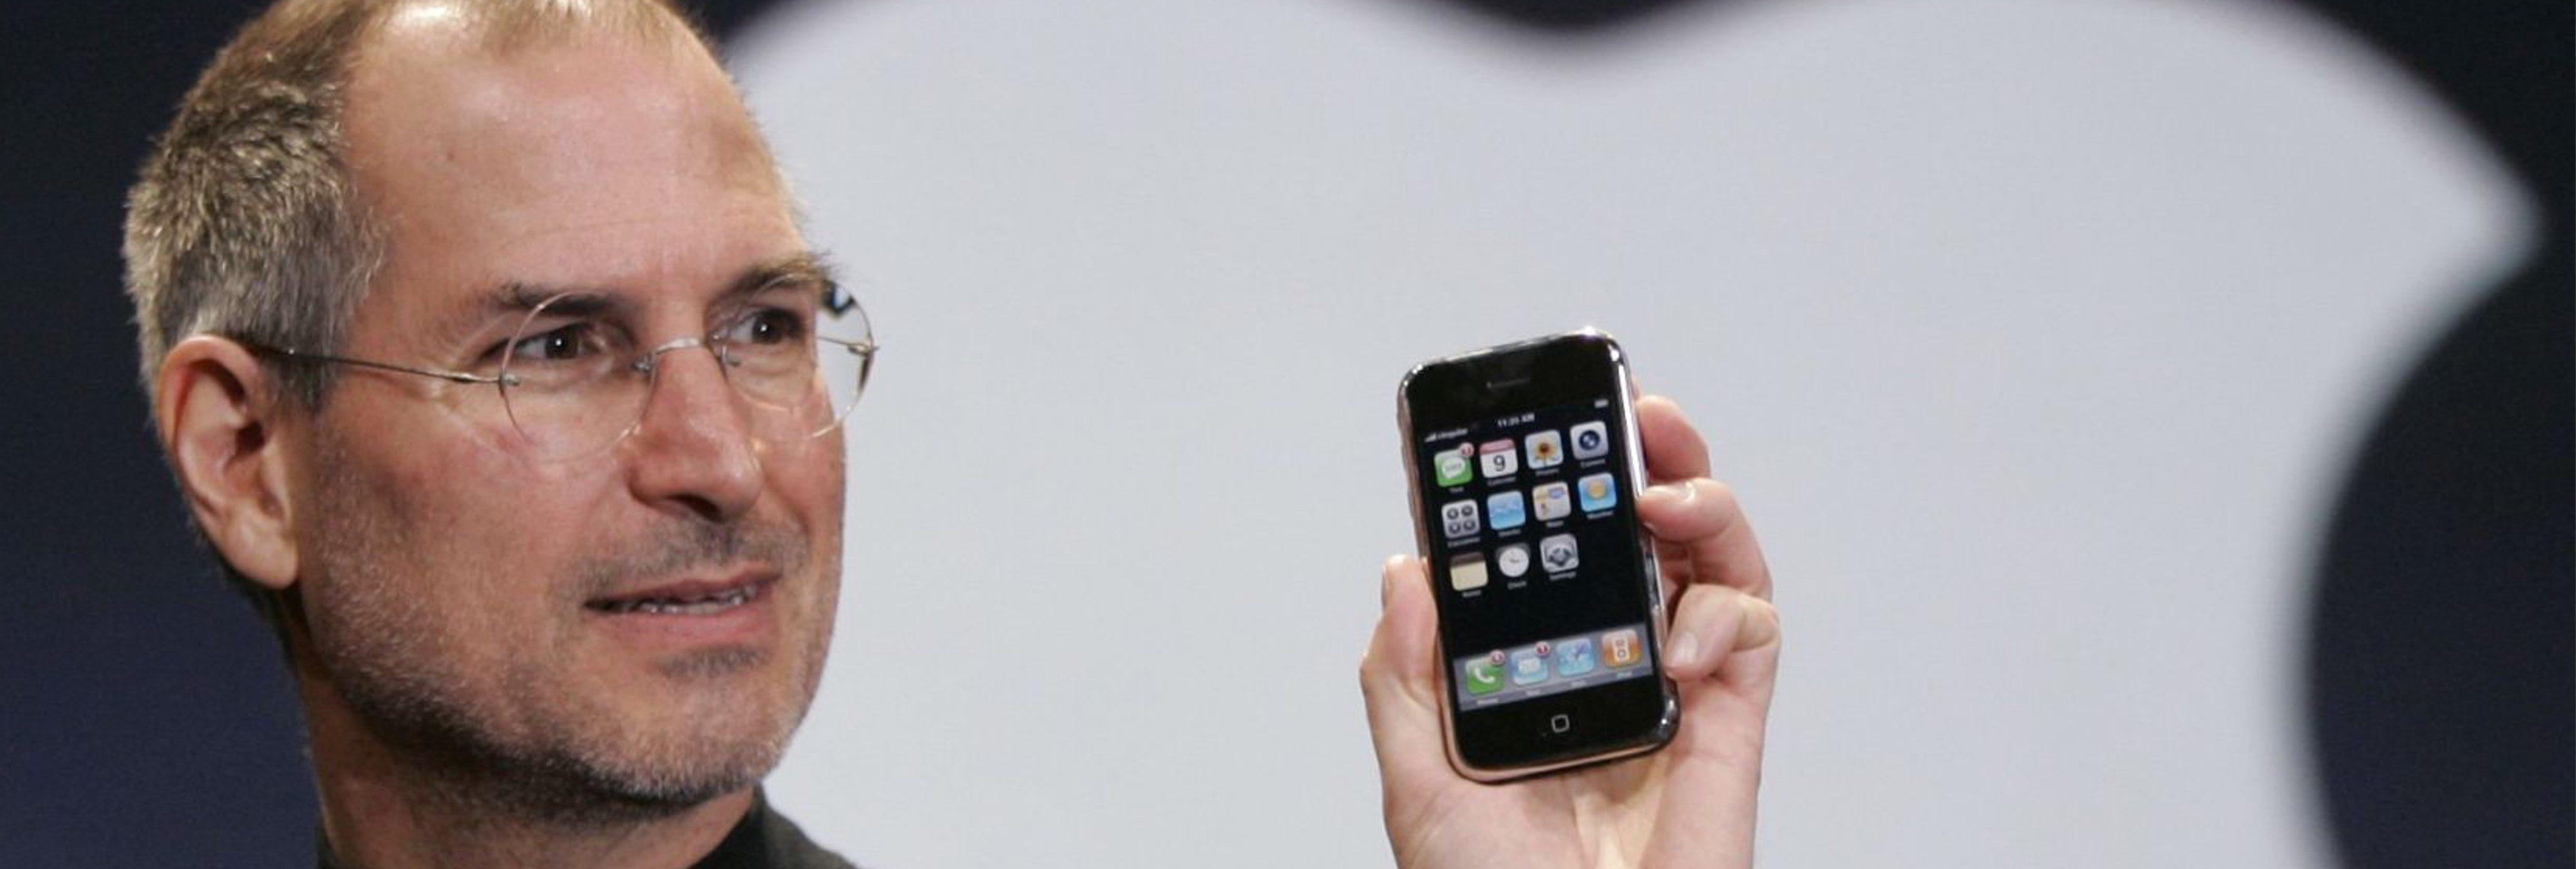 Cómo la llegada del iPhone, hace 12 años, configuró el mundo tal y como lo conocemos